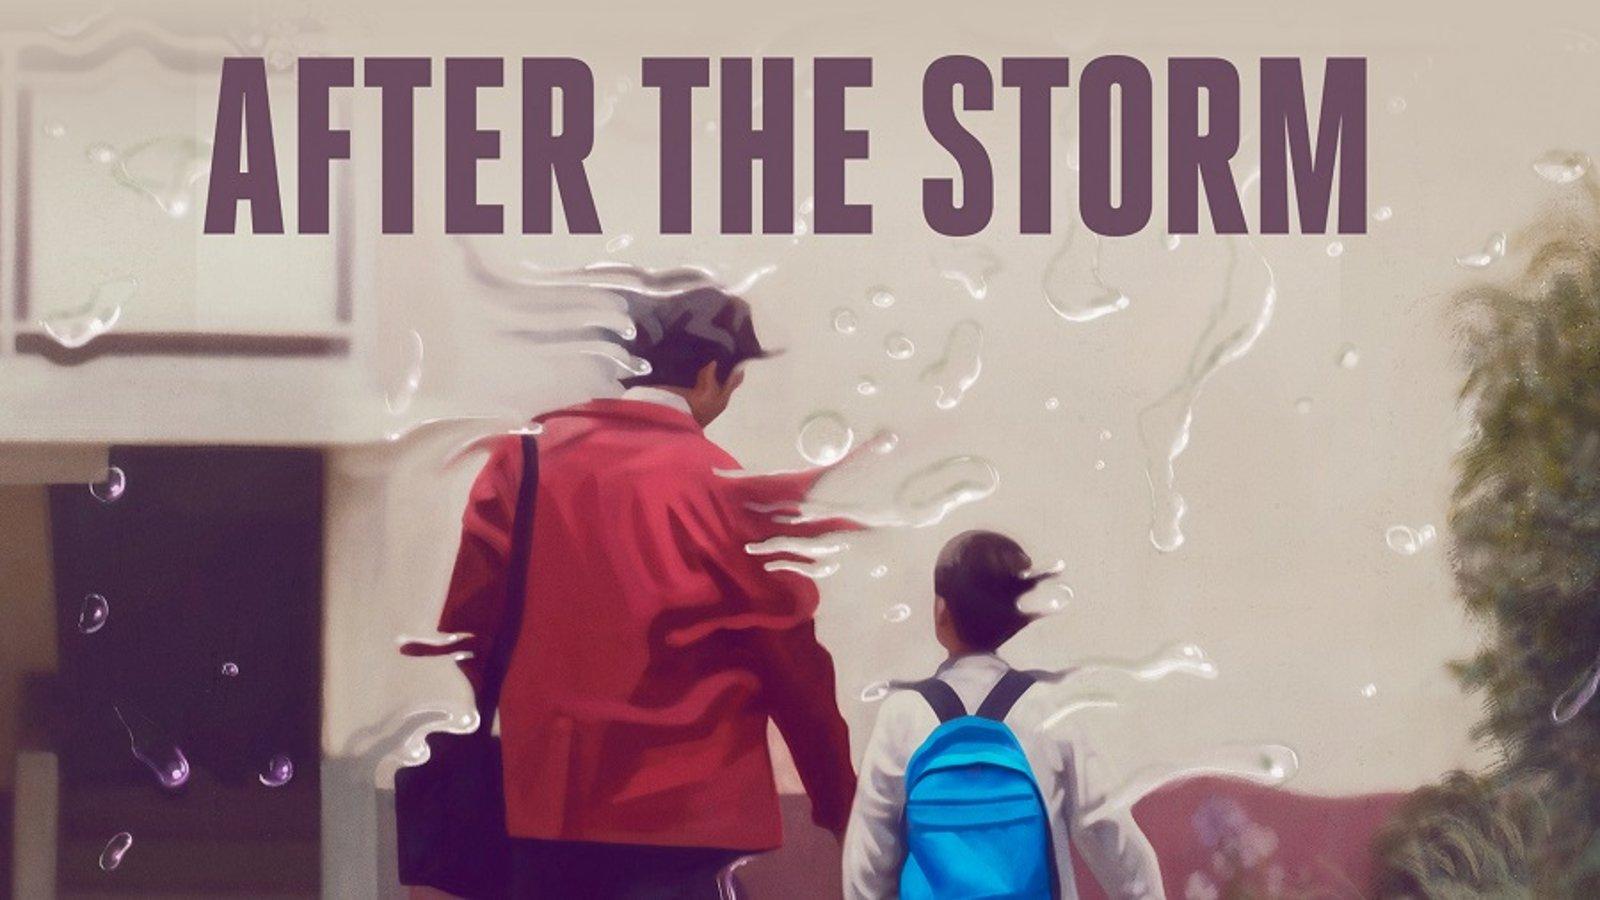 After The Storm - Umi yori mo mada fukaku